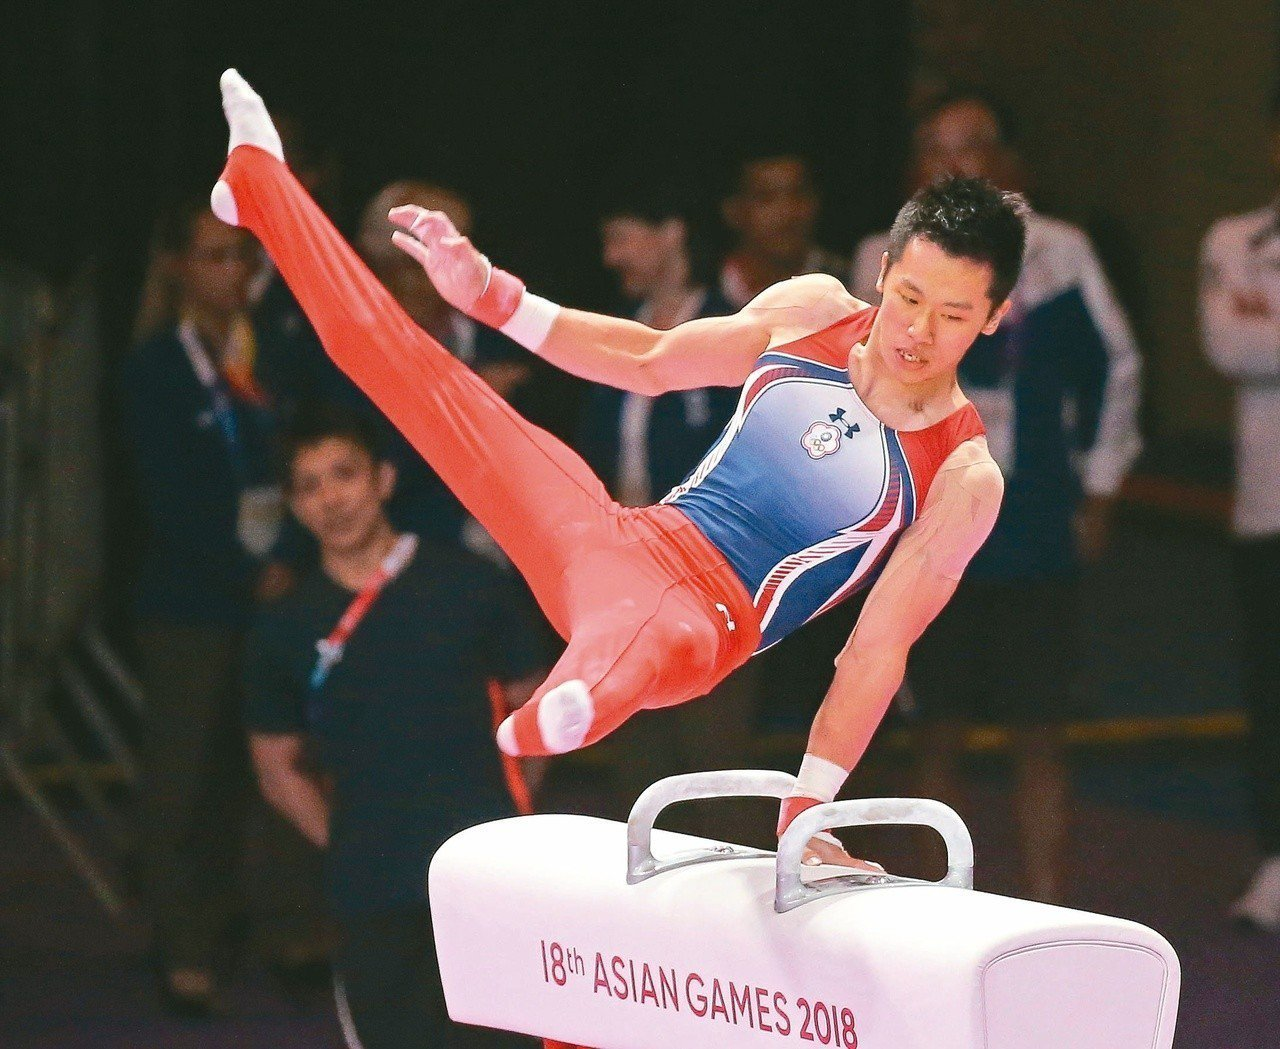 李智凱世錦賽銅牌,德國金牌搶奧運積分。 報系資料照